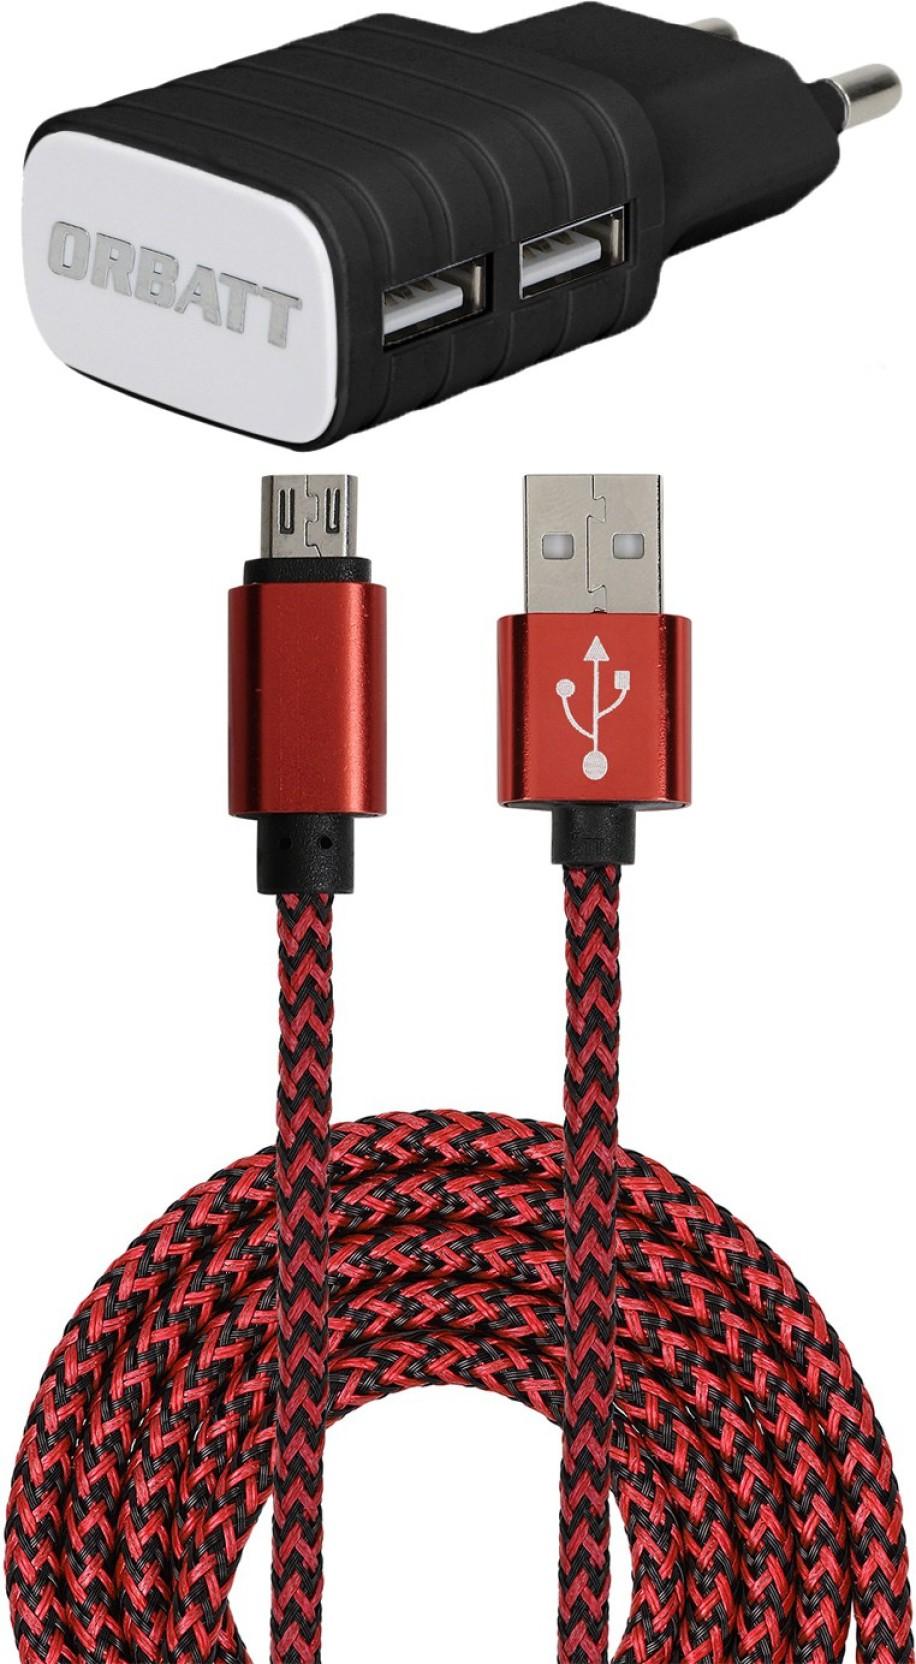 Orbatt Dual Usb Port Asus Zenfone 2 Laser Ze601kl Mobile Charger Zb45 Share